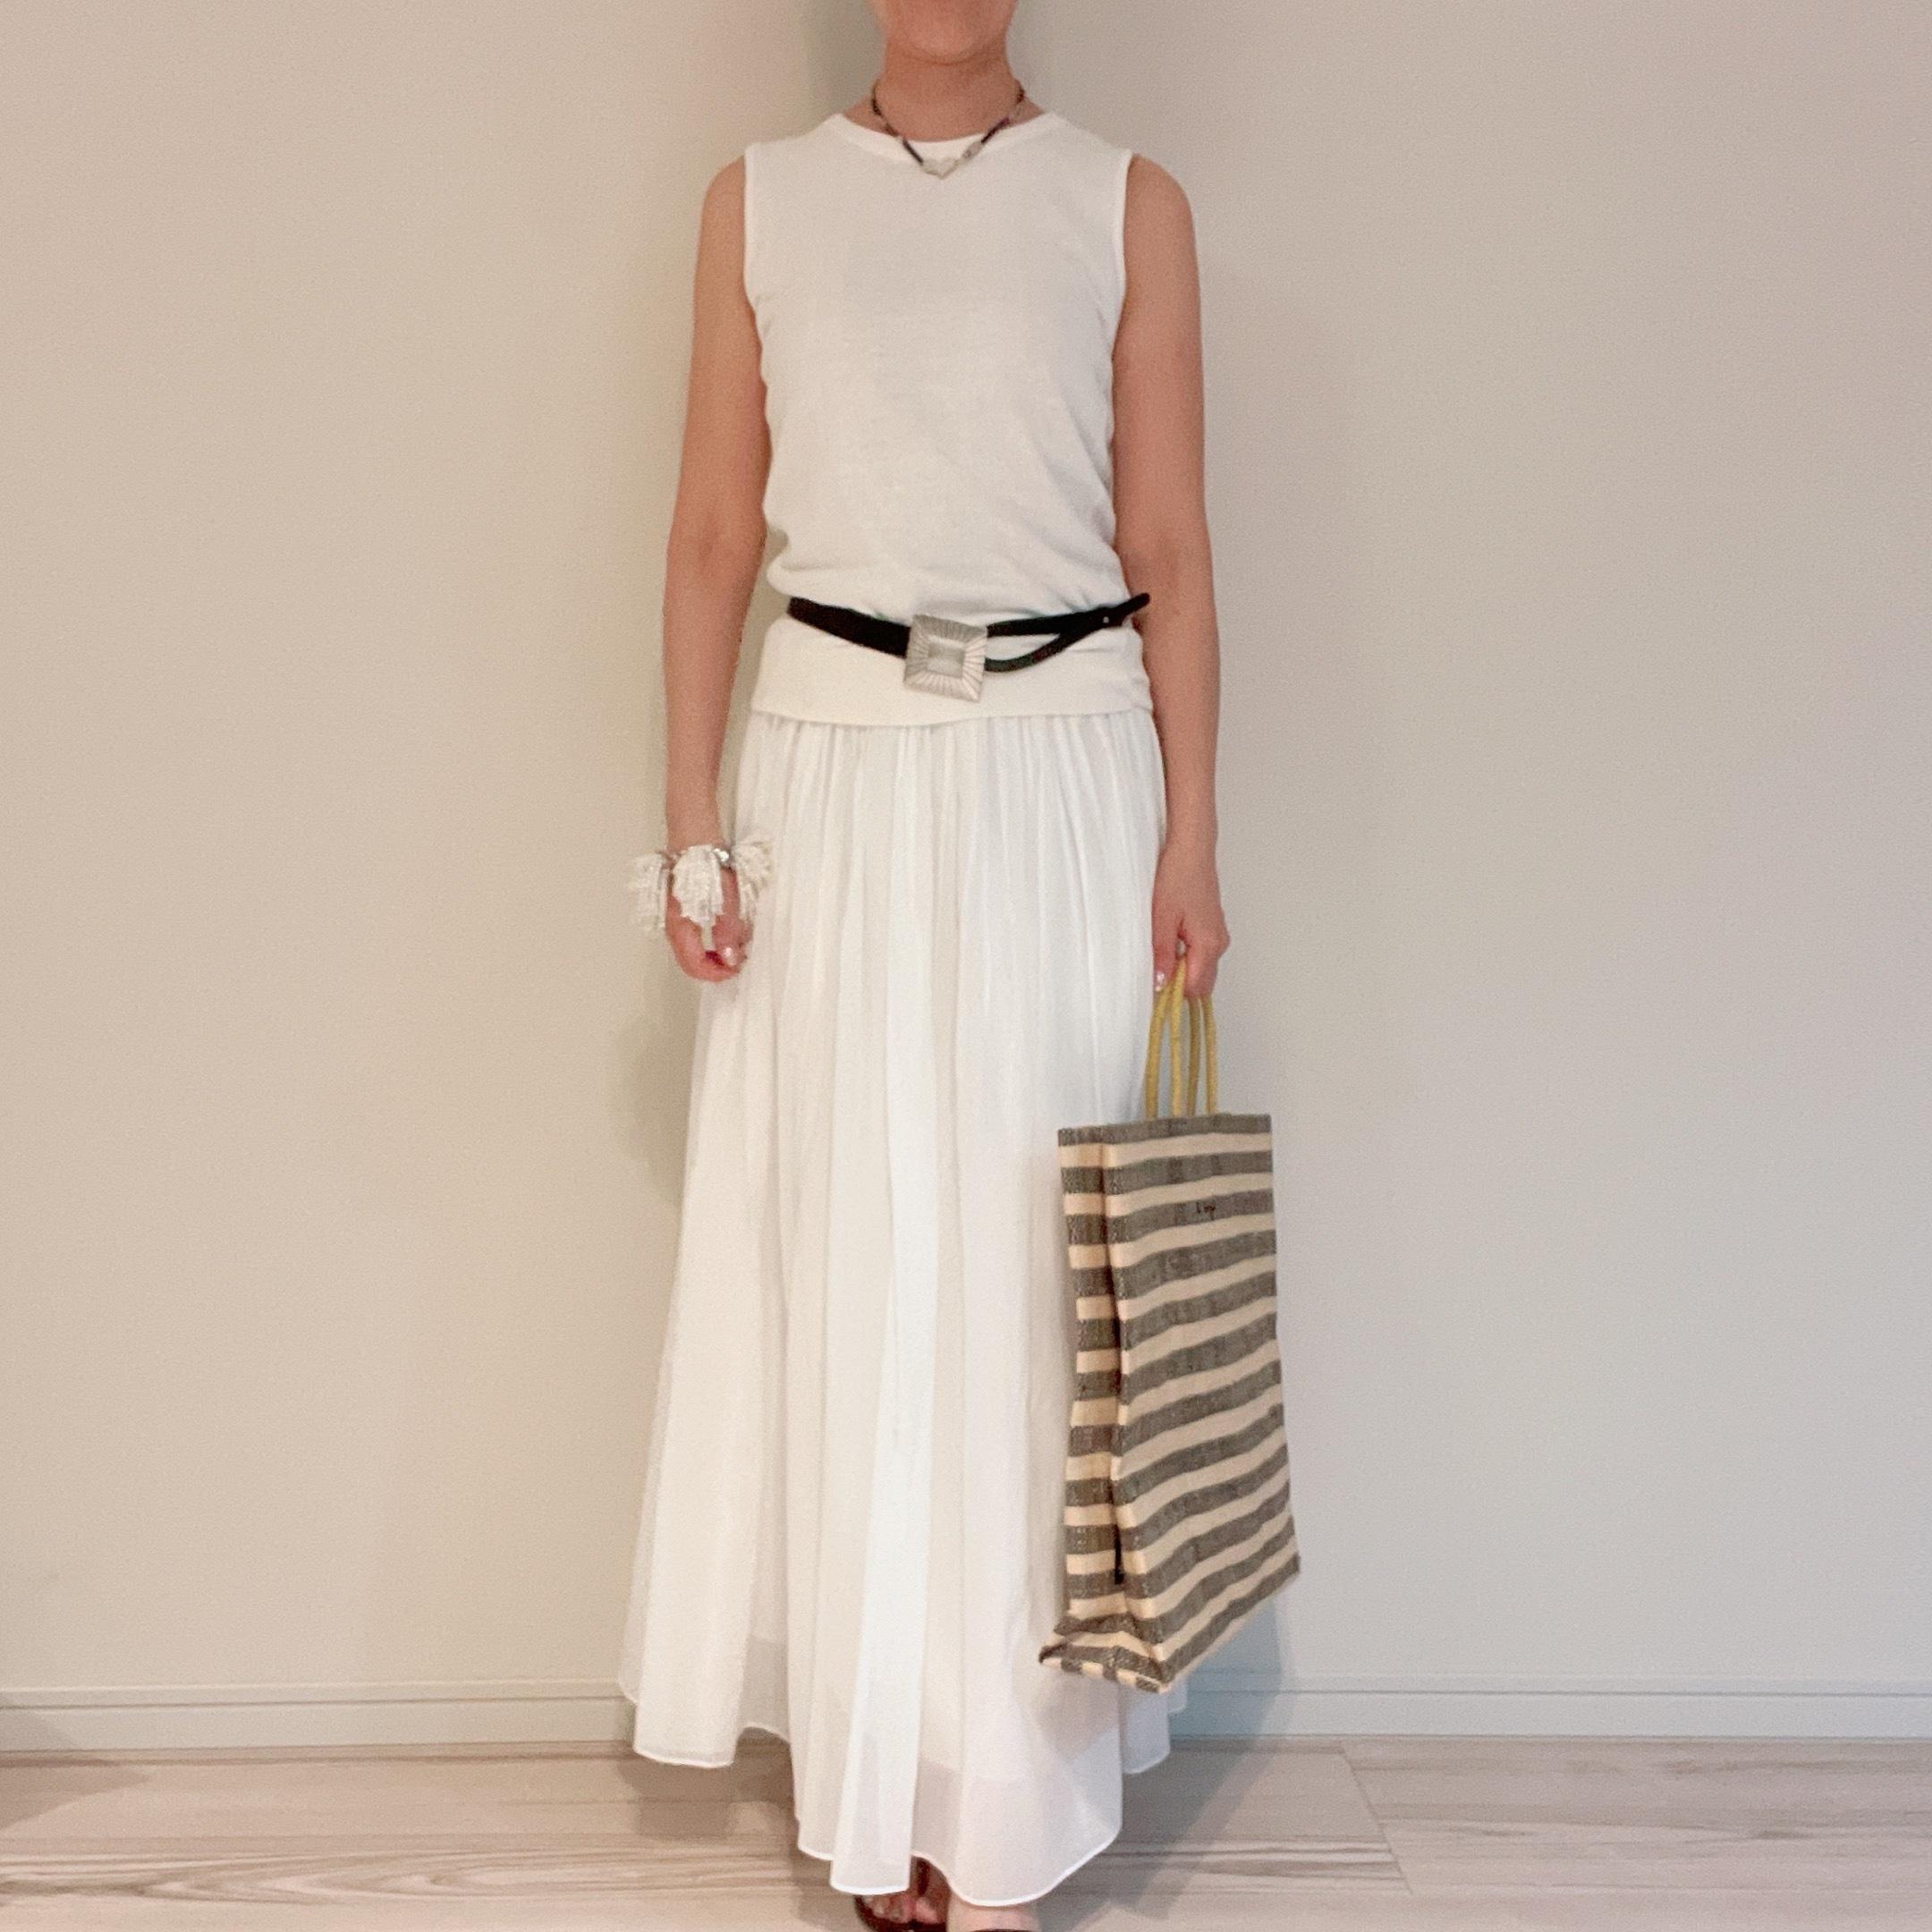 白ファッションに黒ベルトで引き締め効果